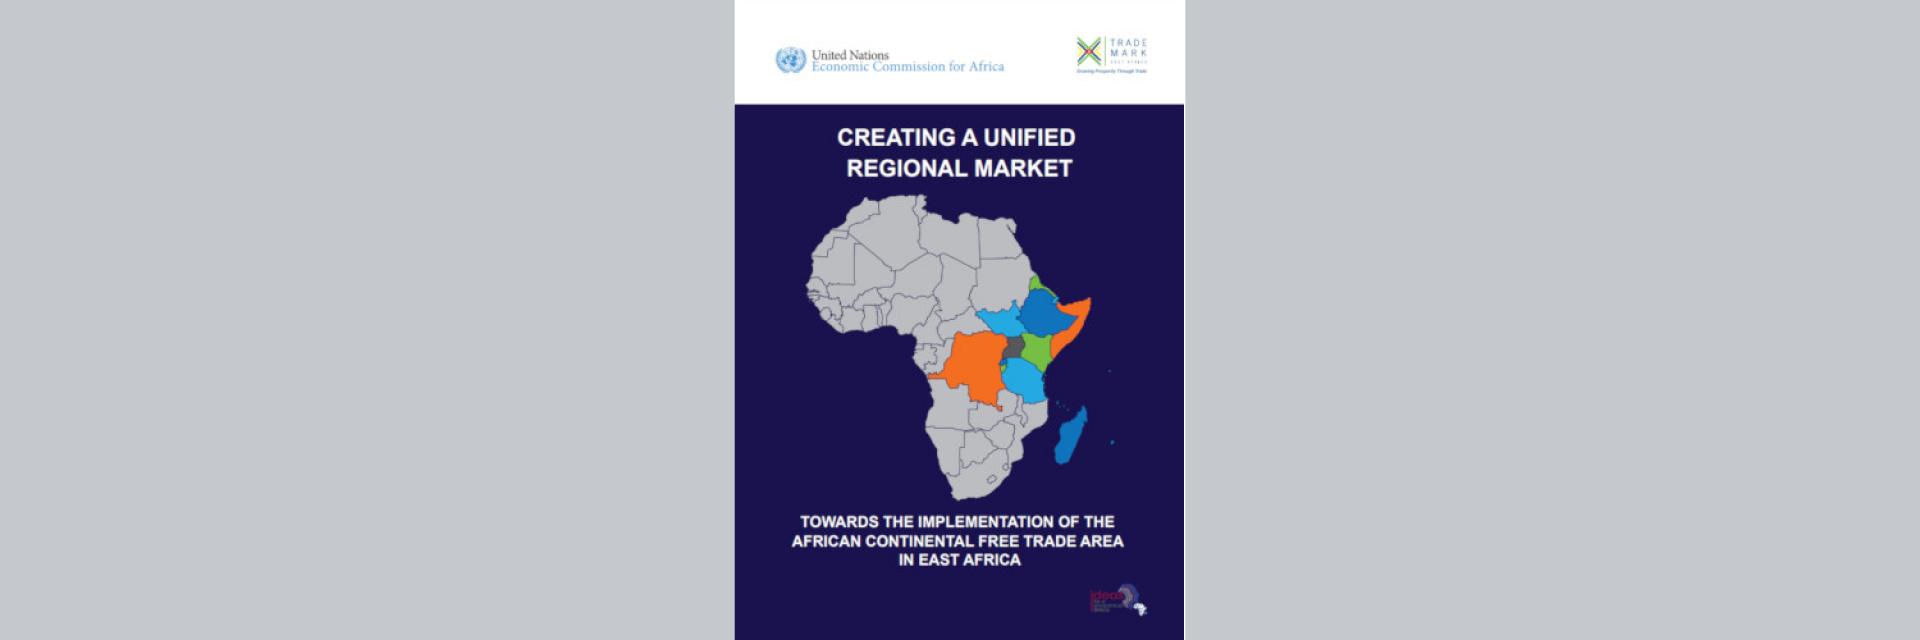 Un nouveau rapport souligne les gains importants de la mise en œuvre de la ZLECA en Afrique de l'Est